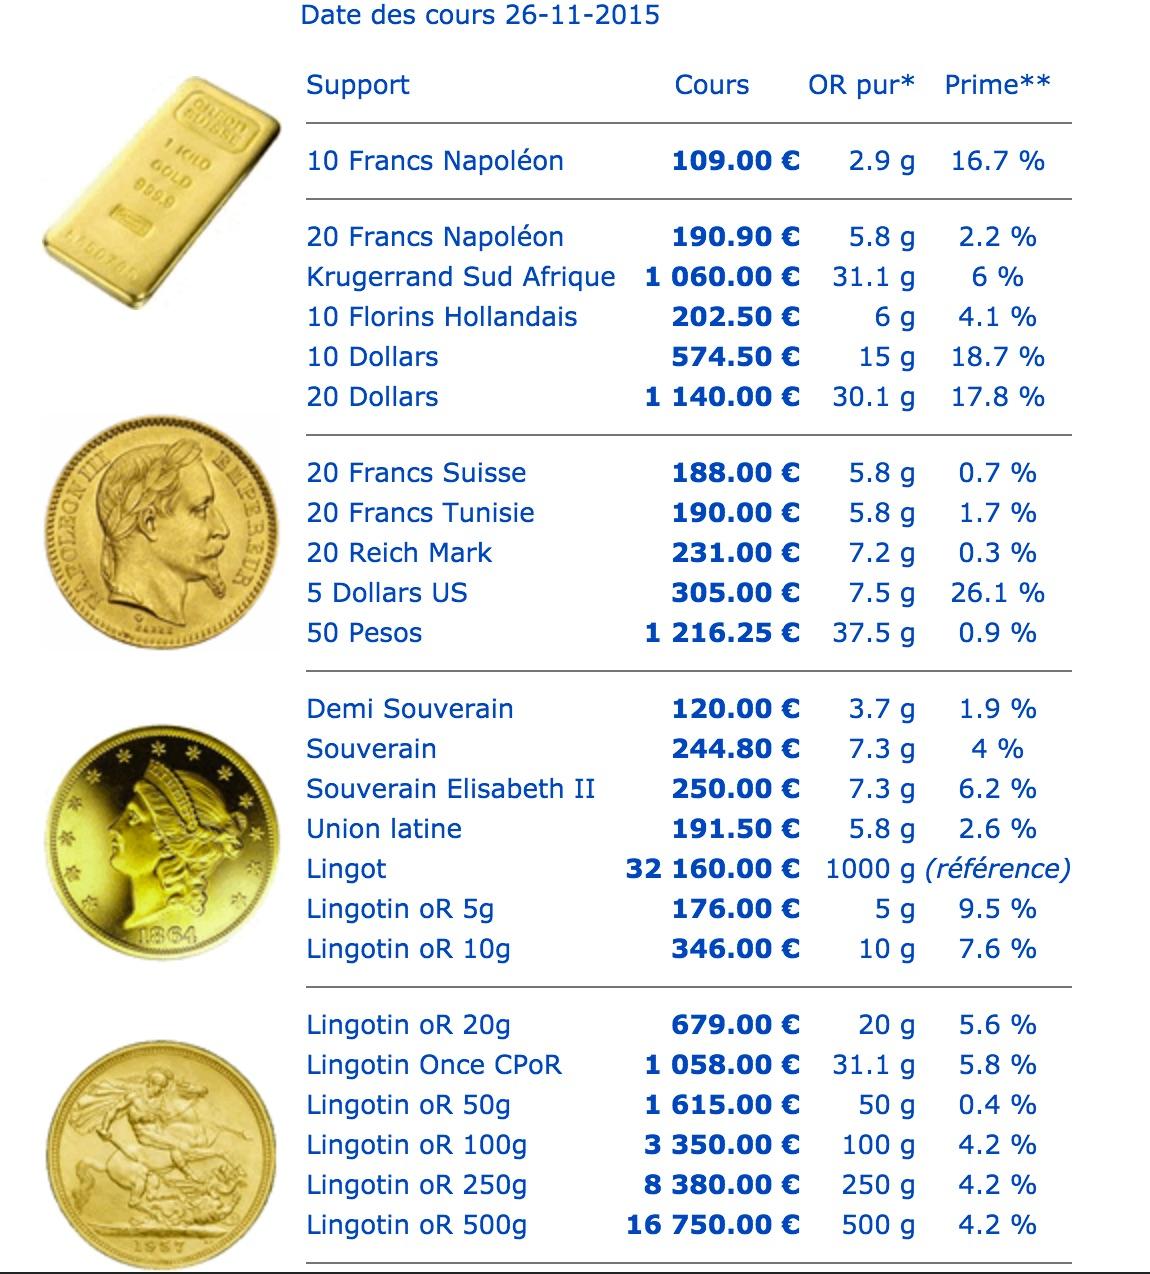 Achat du napol on or investir dans le napol on or - Une piece en plus prix ...